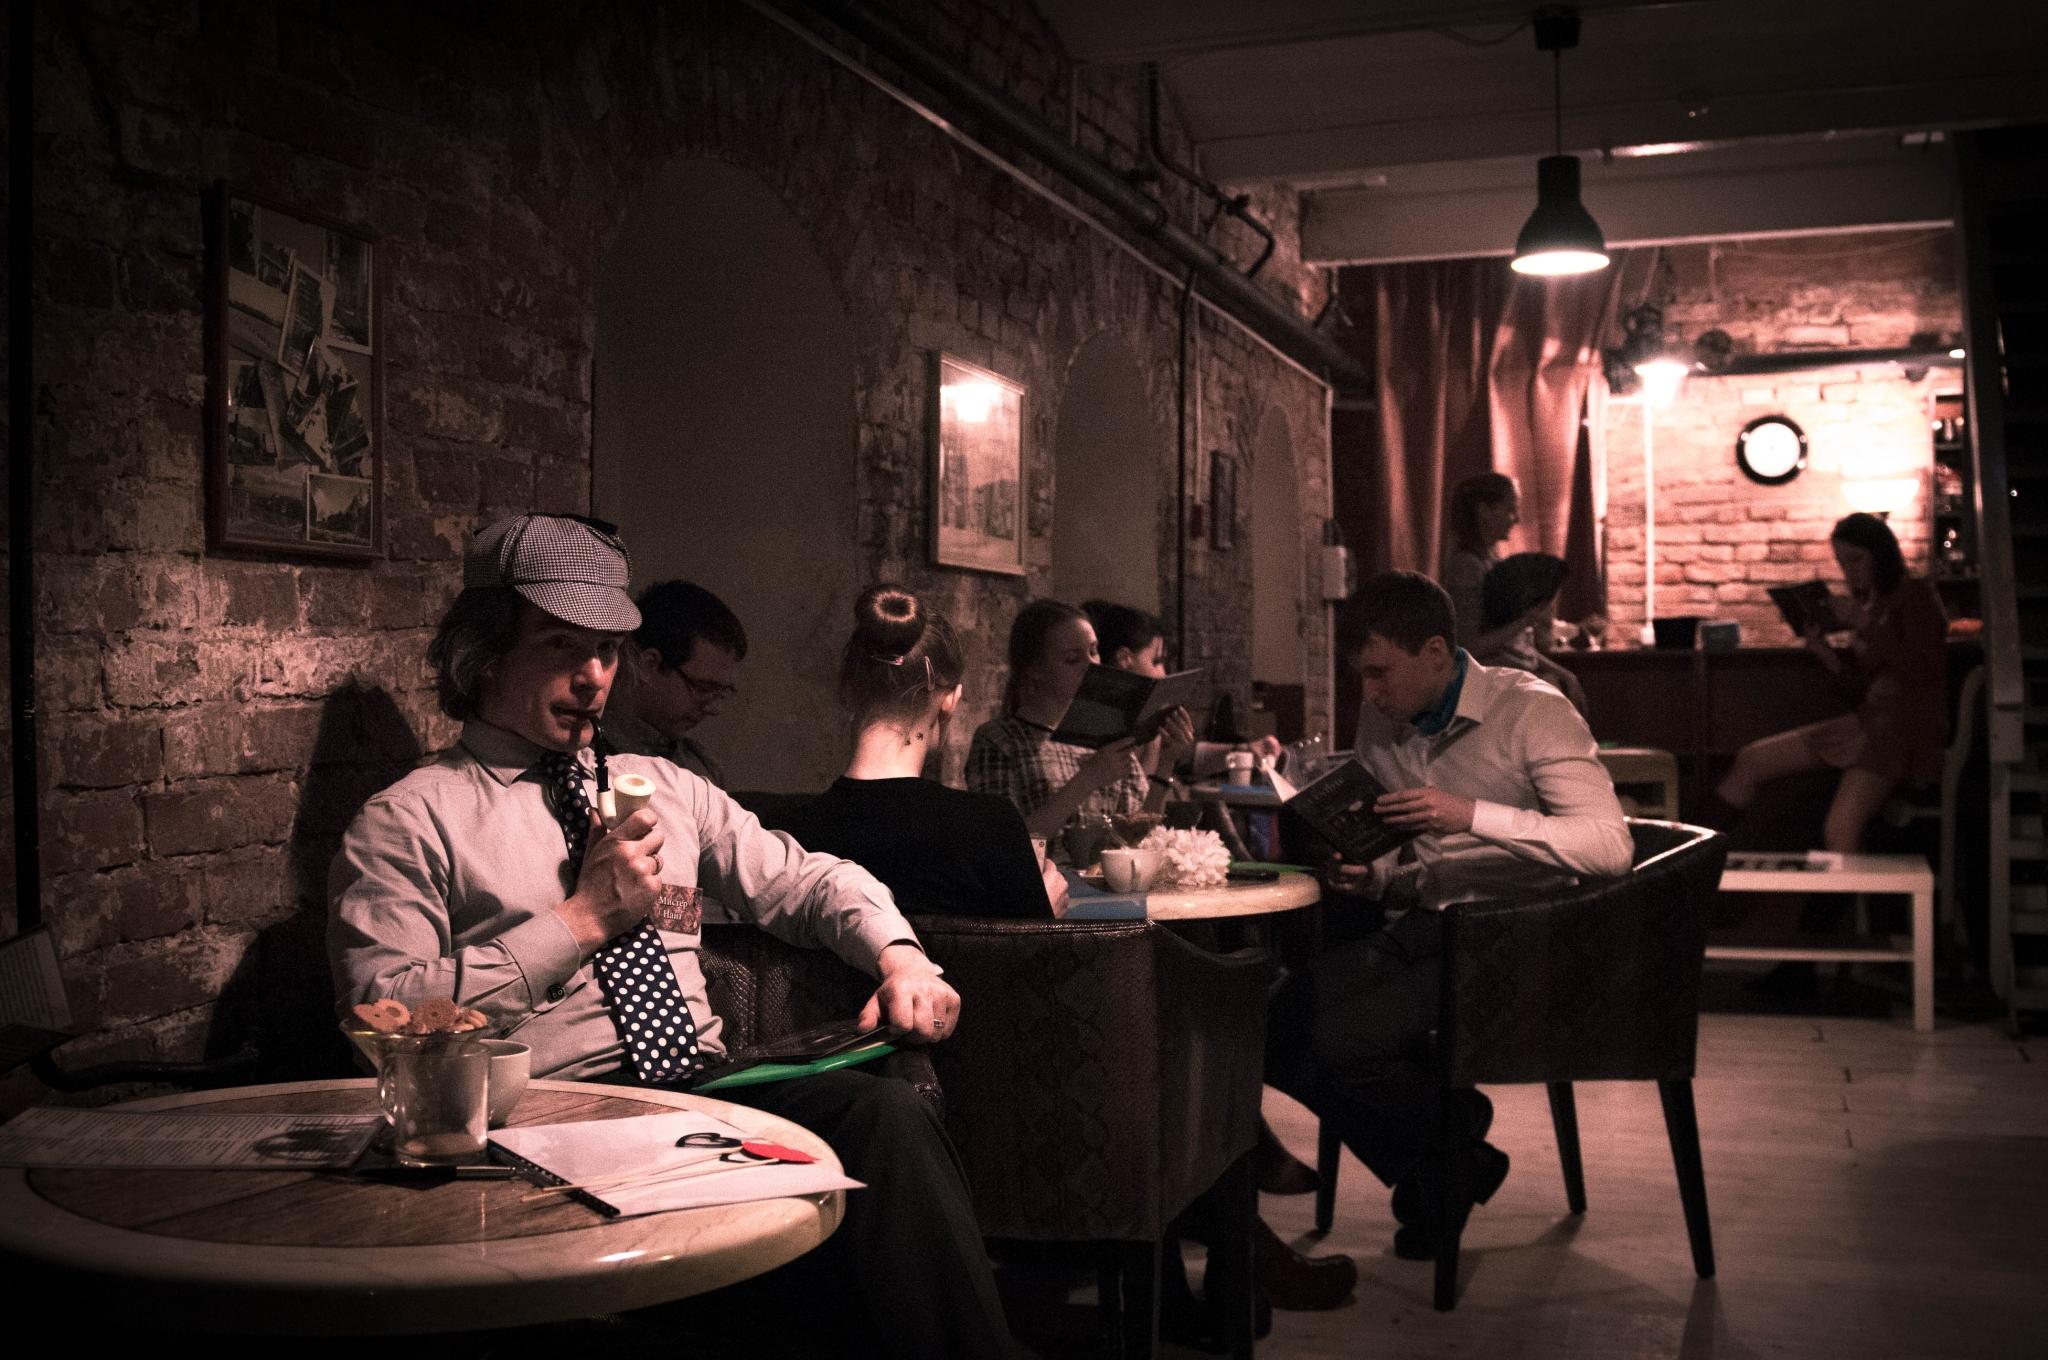 сканворды, кроссворды квесты в кафе спб излиться чел